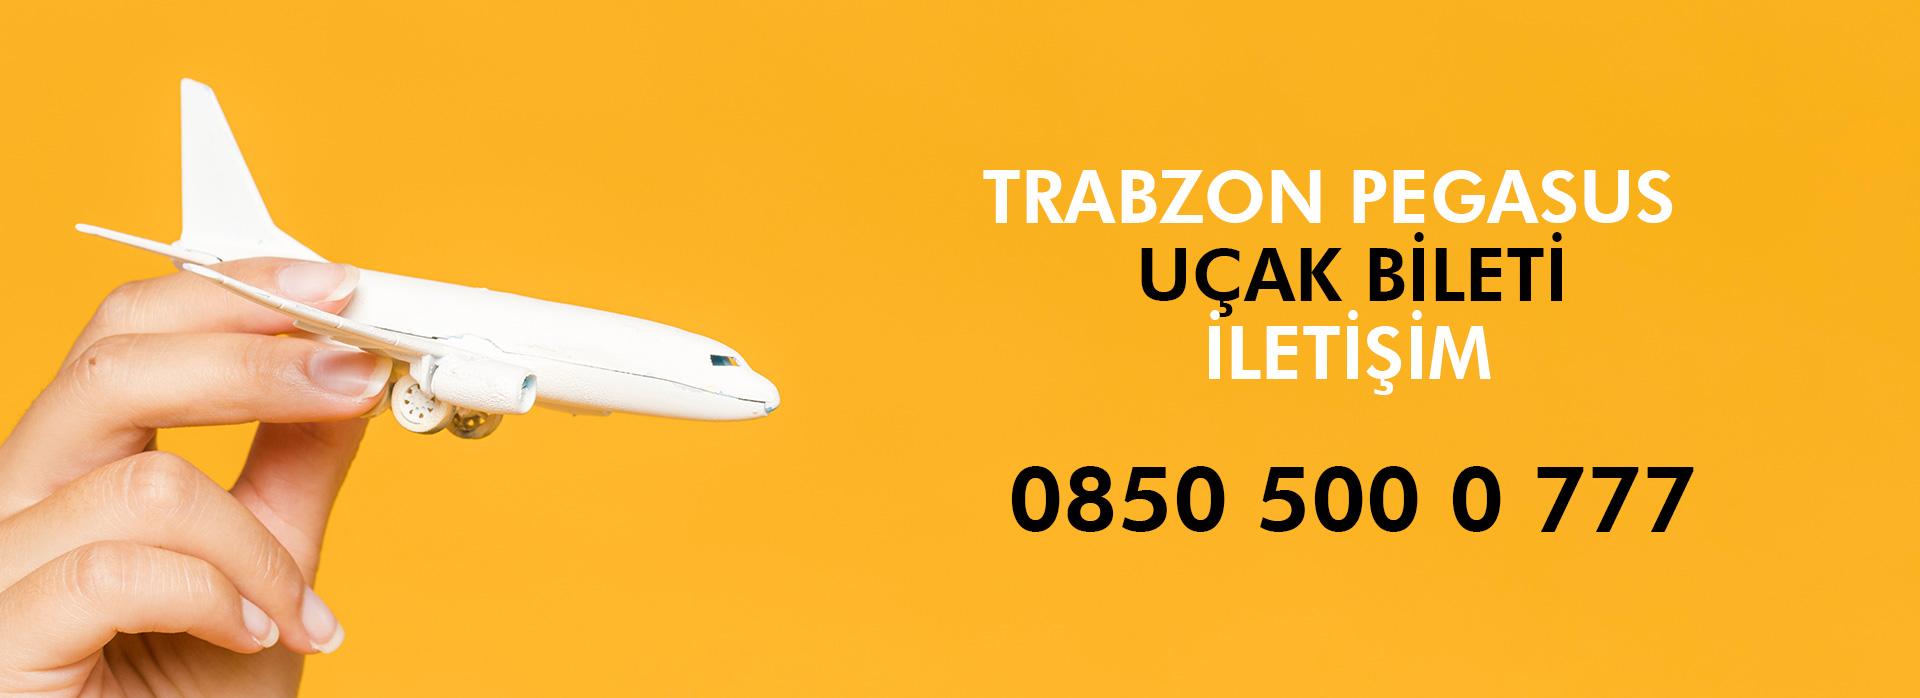 trabzon pegasus telefon numarası